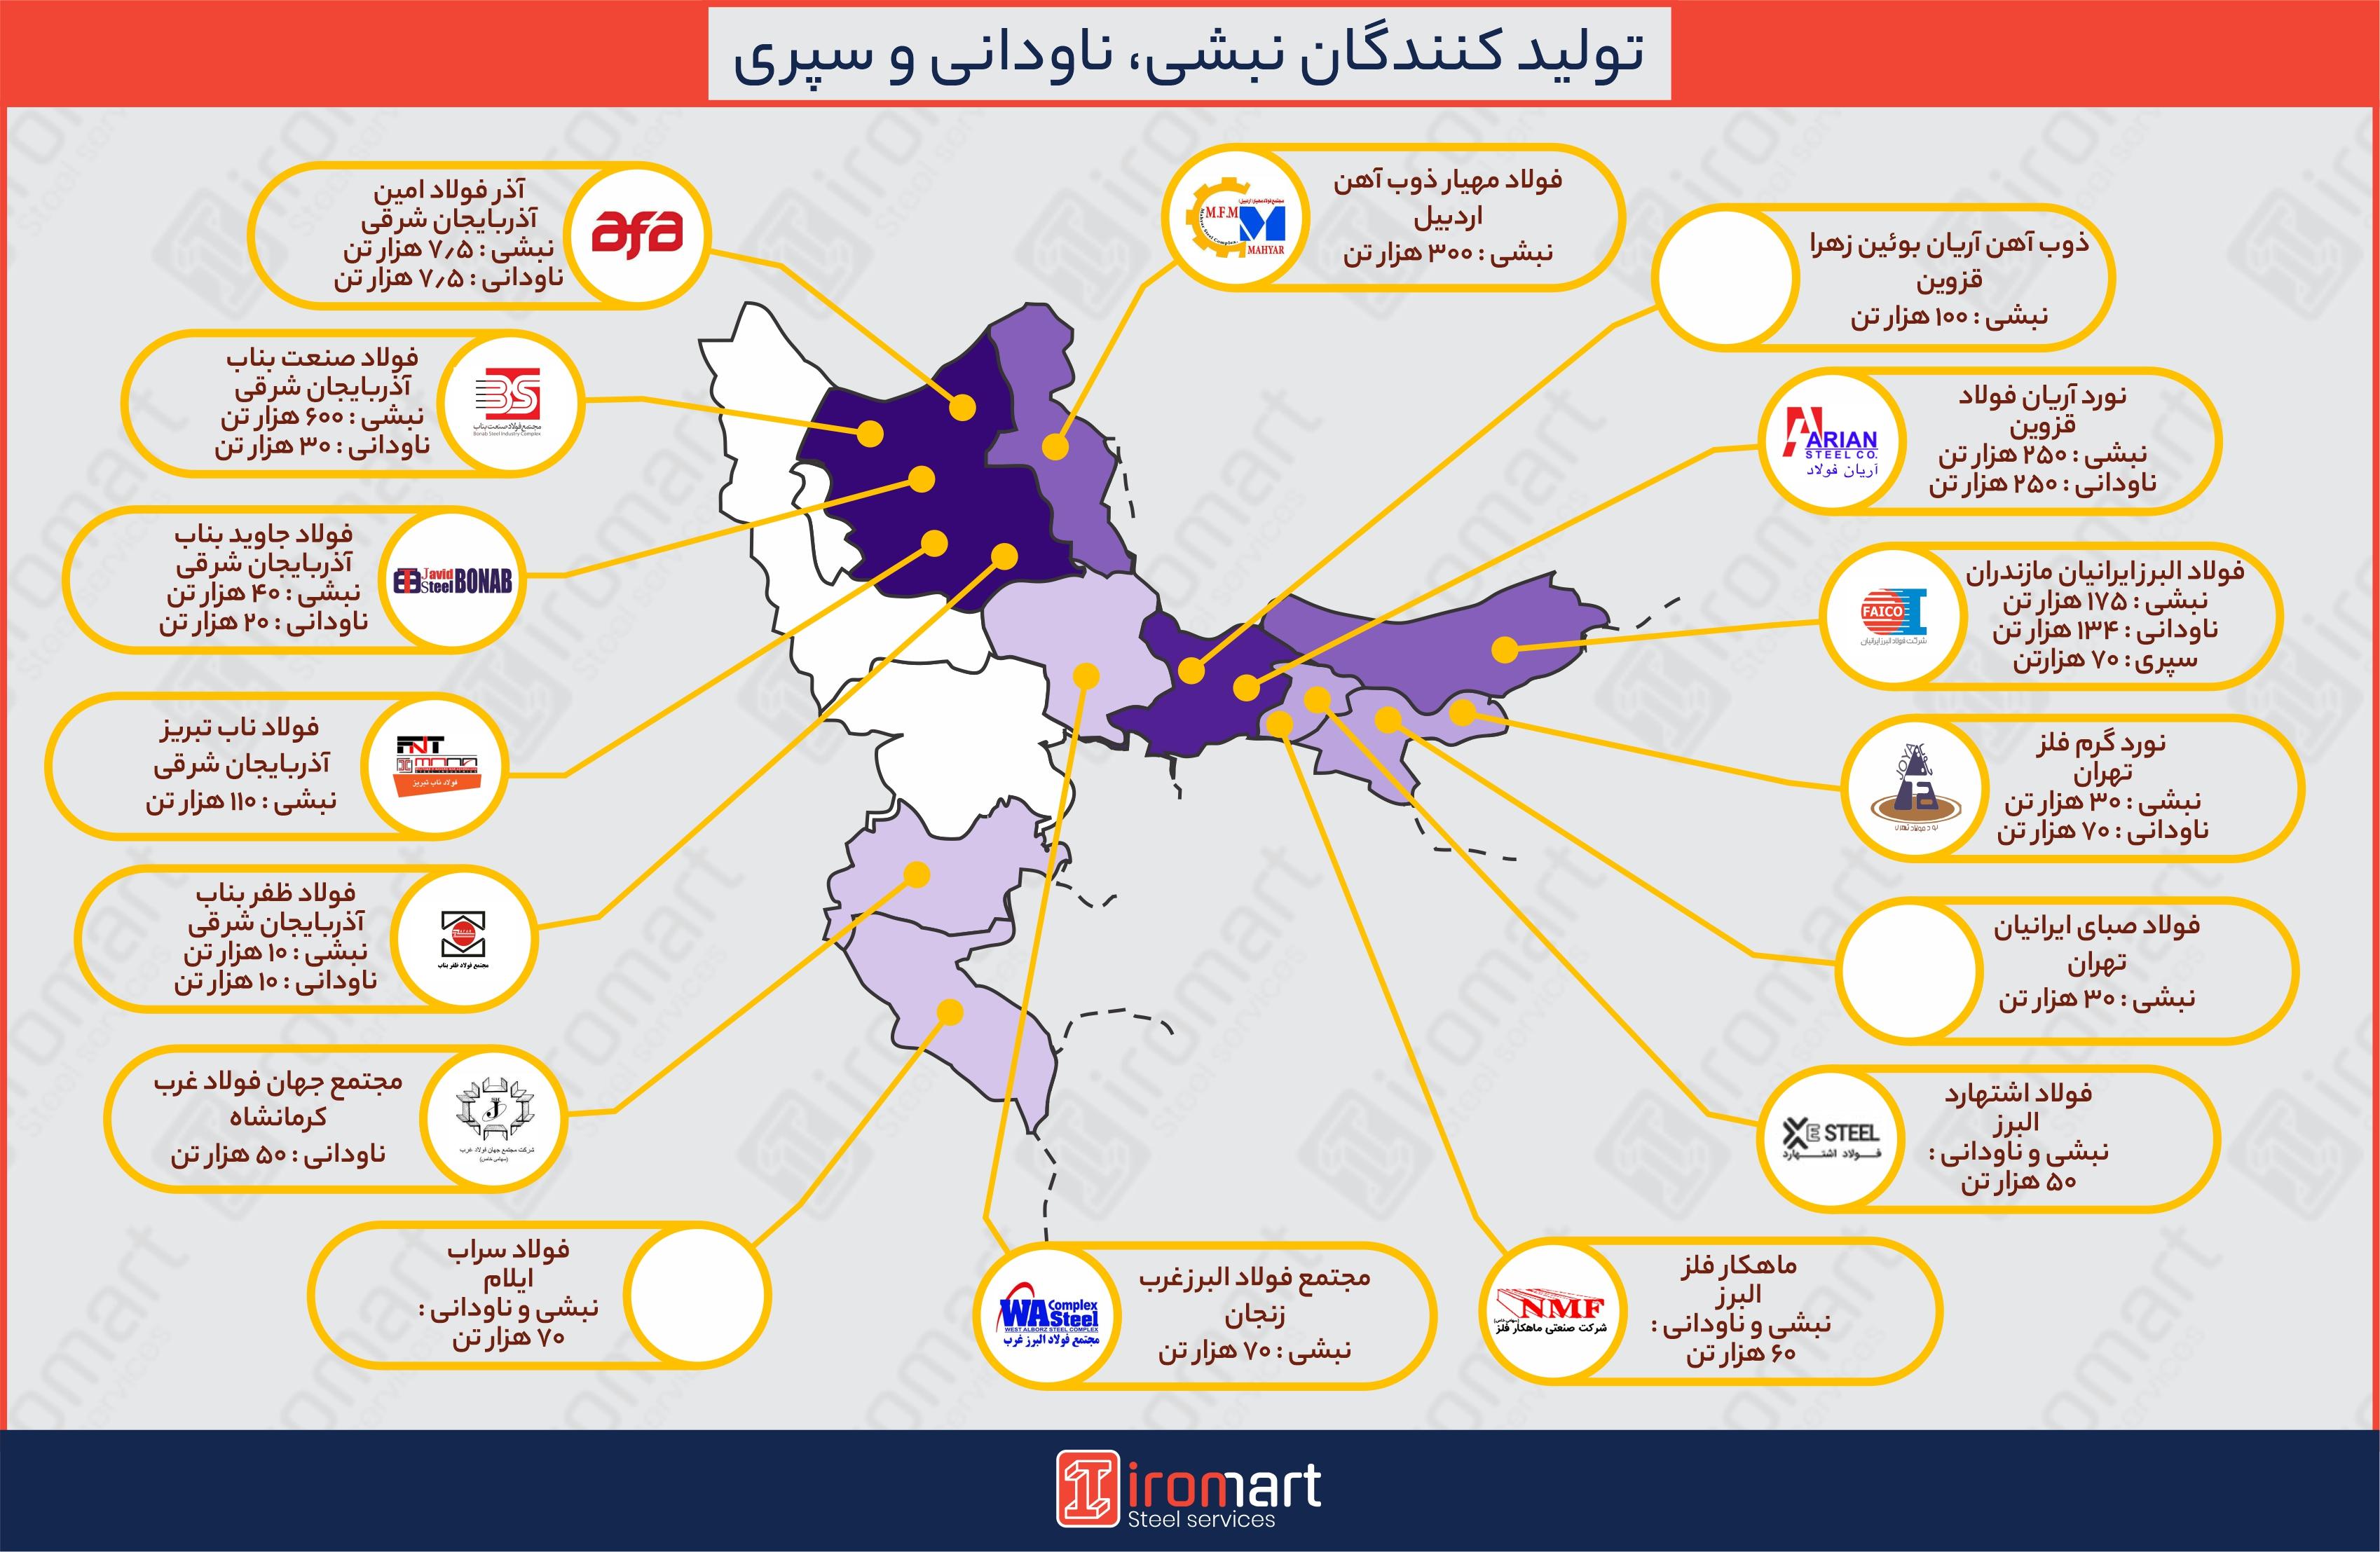 اطلس تولیدکنندگان نبشی، ناودانی و سپری در ایران